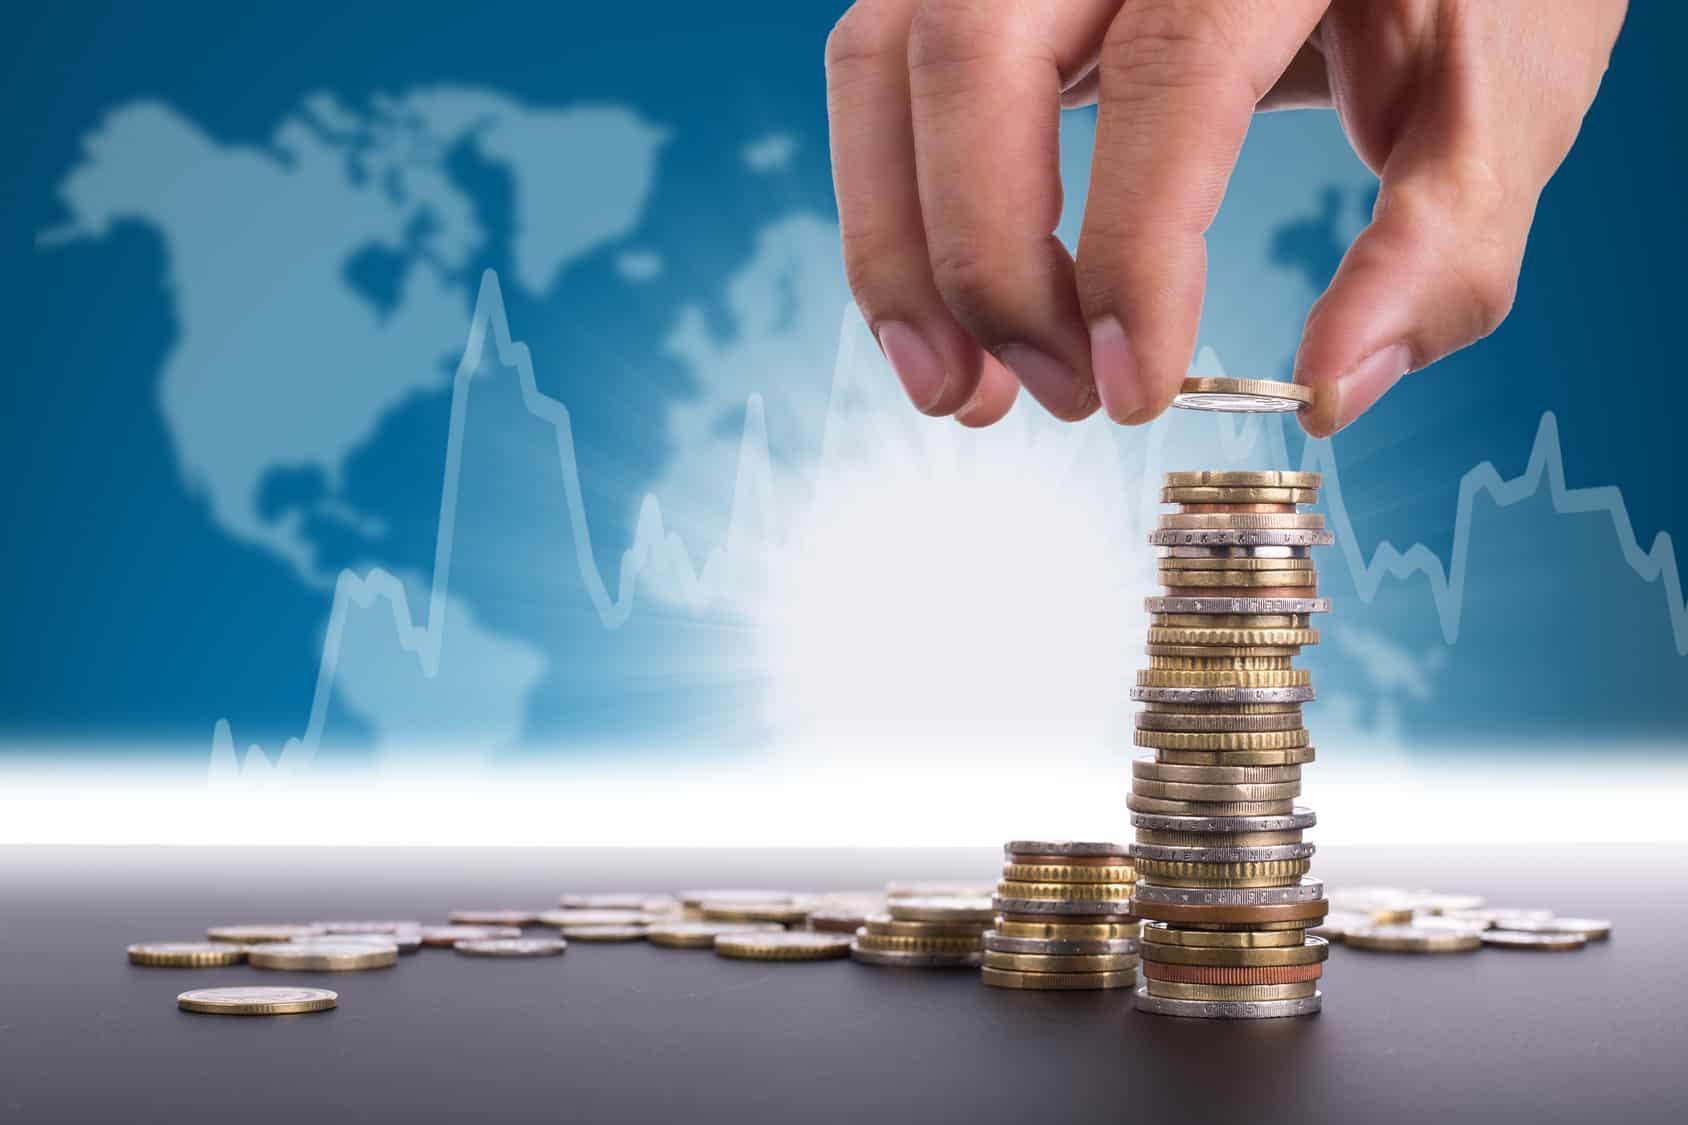 El sector telecomunicaciones genera inversiones y señaló la propuesta de paquete económico 2018 de la Secretaría de Hacienda.